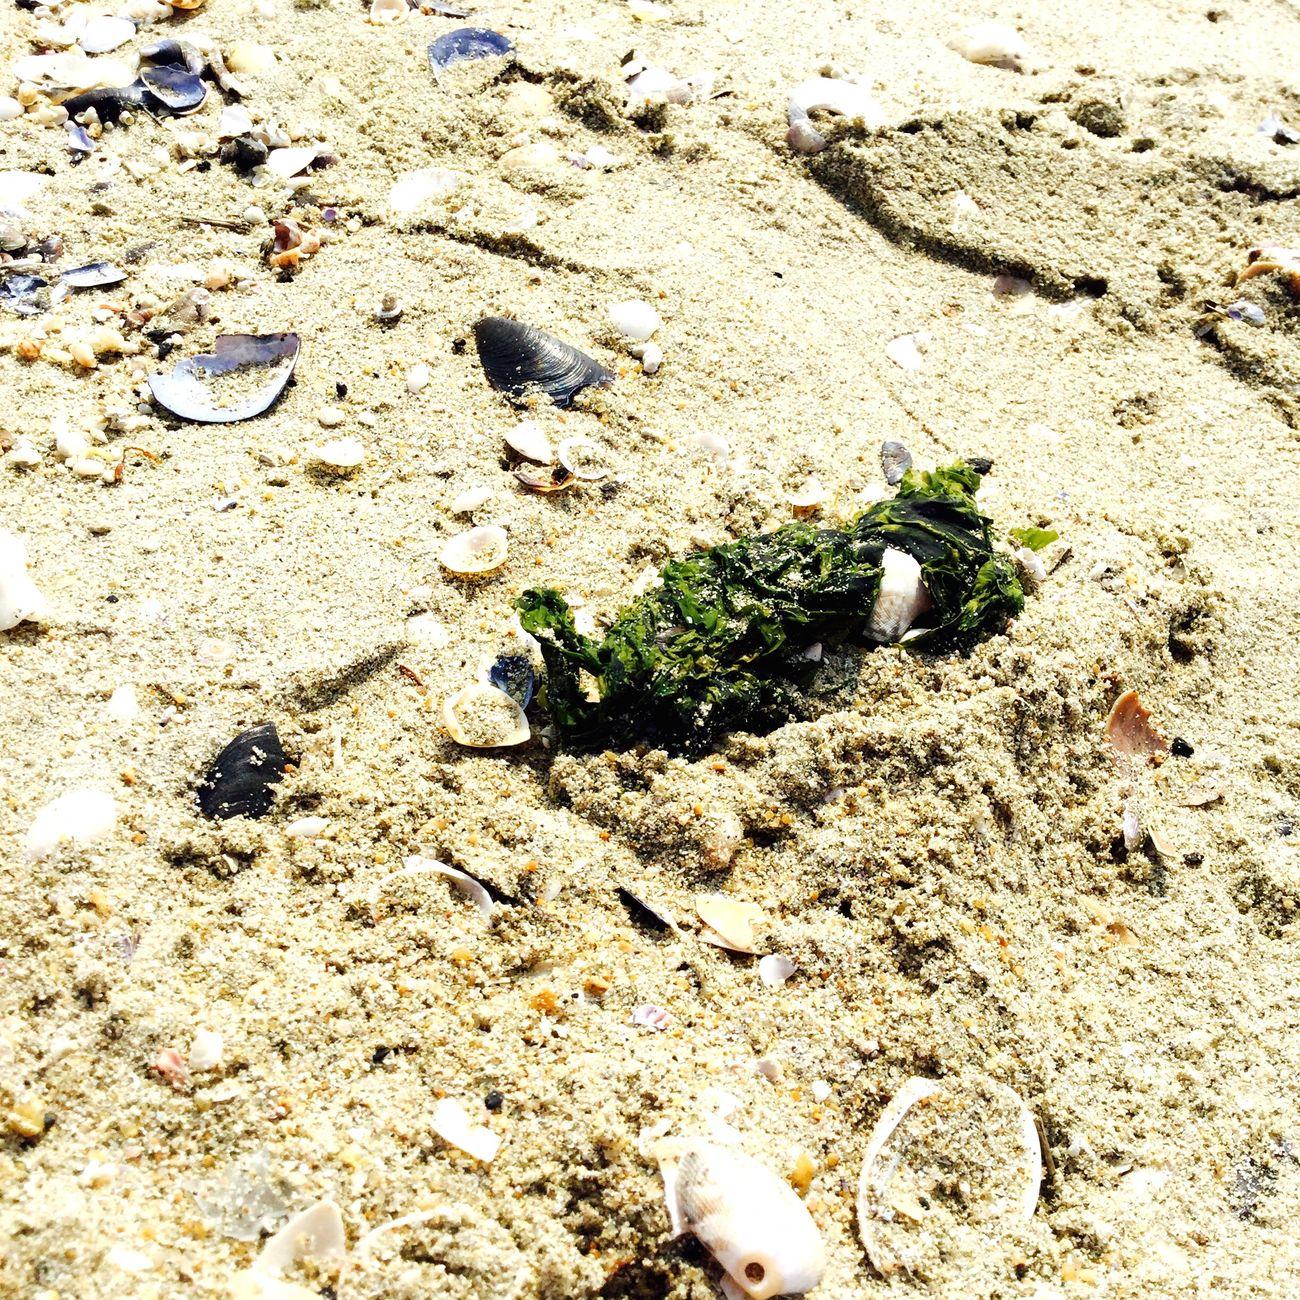 海藻 海の生物 緑 砂浜 海 写真好きさんと繋がりたい カメラ女子 海